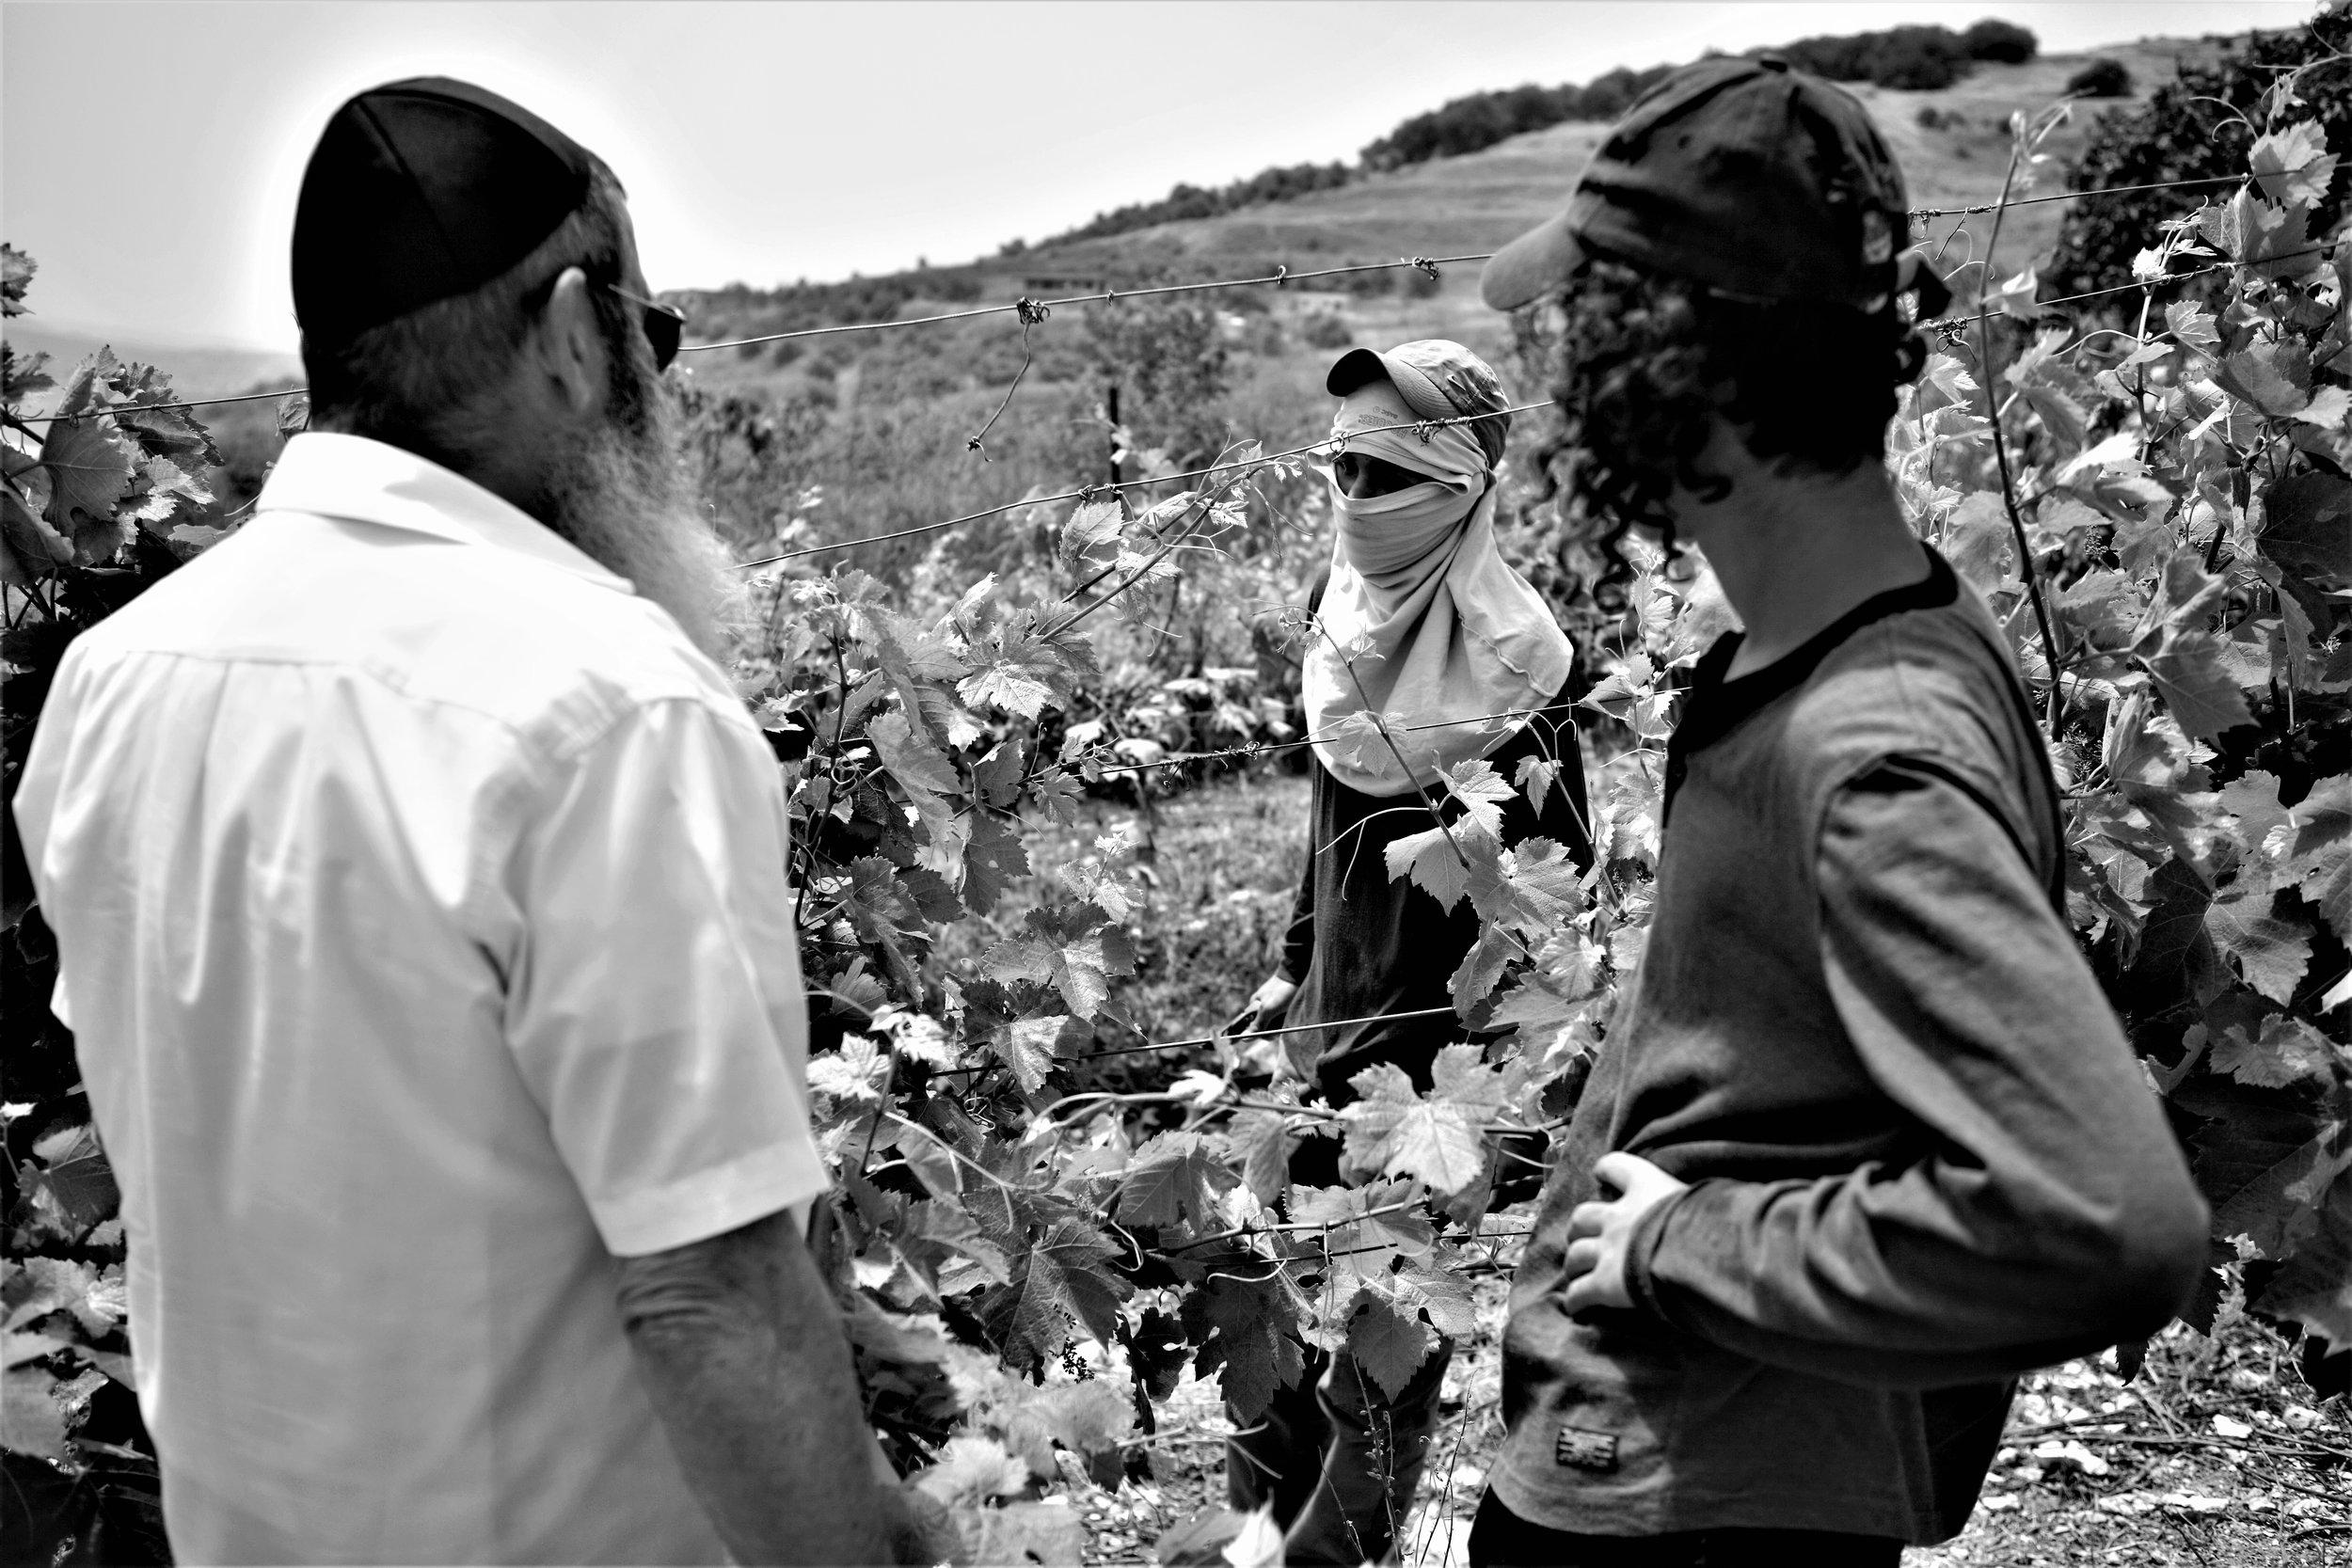 Moshe Kimches Trauben wachsen unweit der Stadt Nablus auf einem einem eingezäunten Feld – hier ist er im Gespräch mit Rebarbeitern.